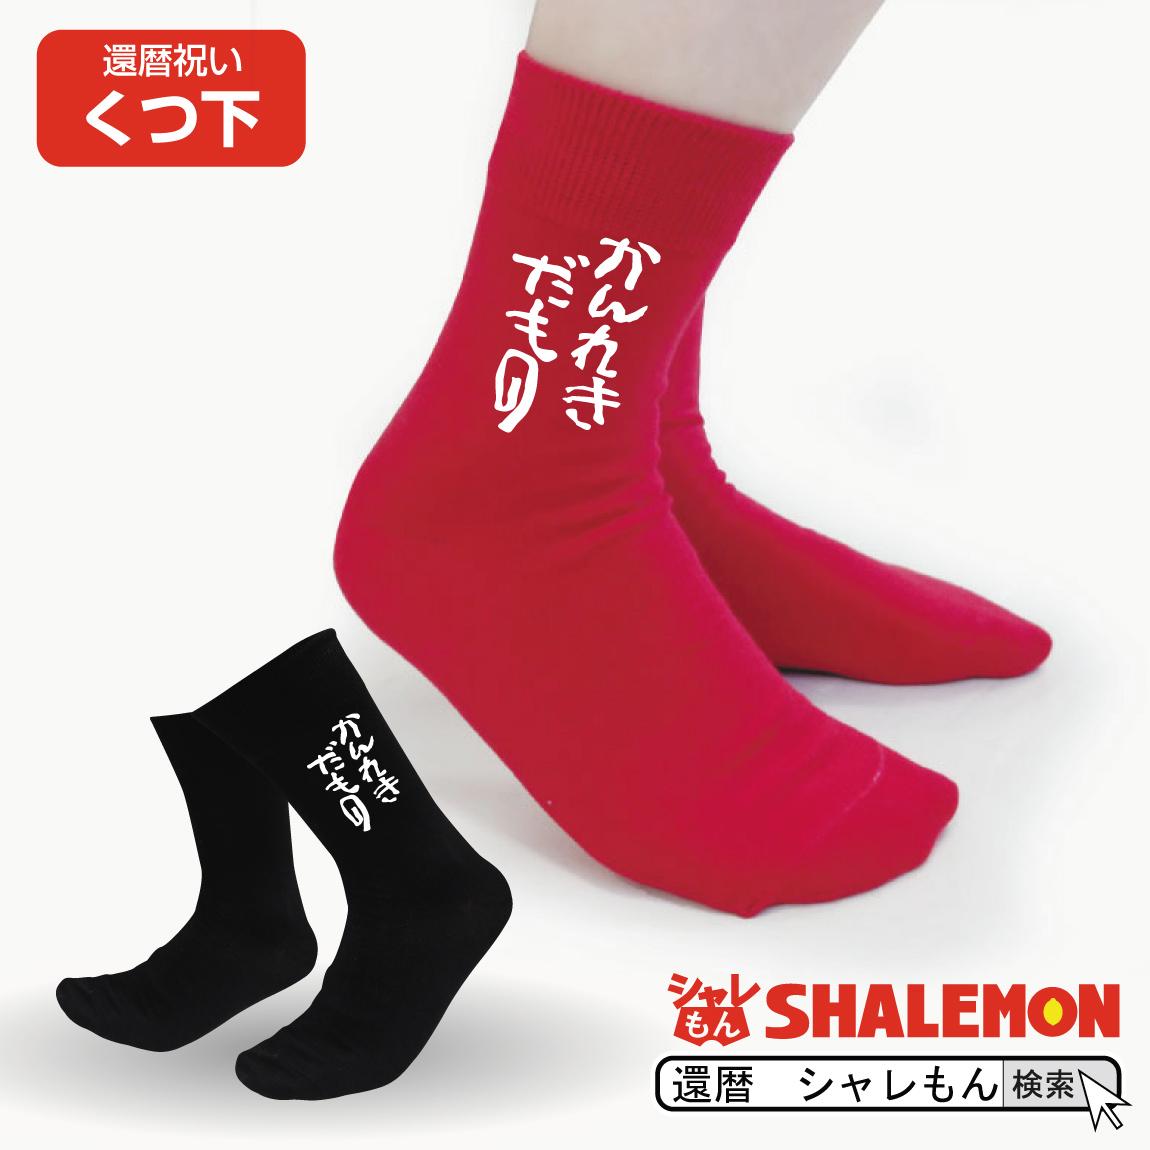 還暦ソックス 赤い靴下 かんれきだもの シャレもん 楽天